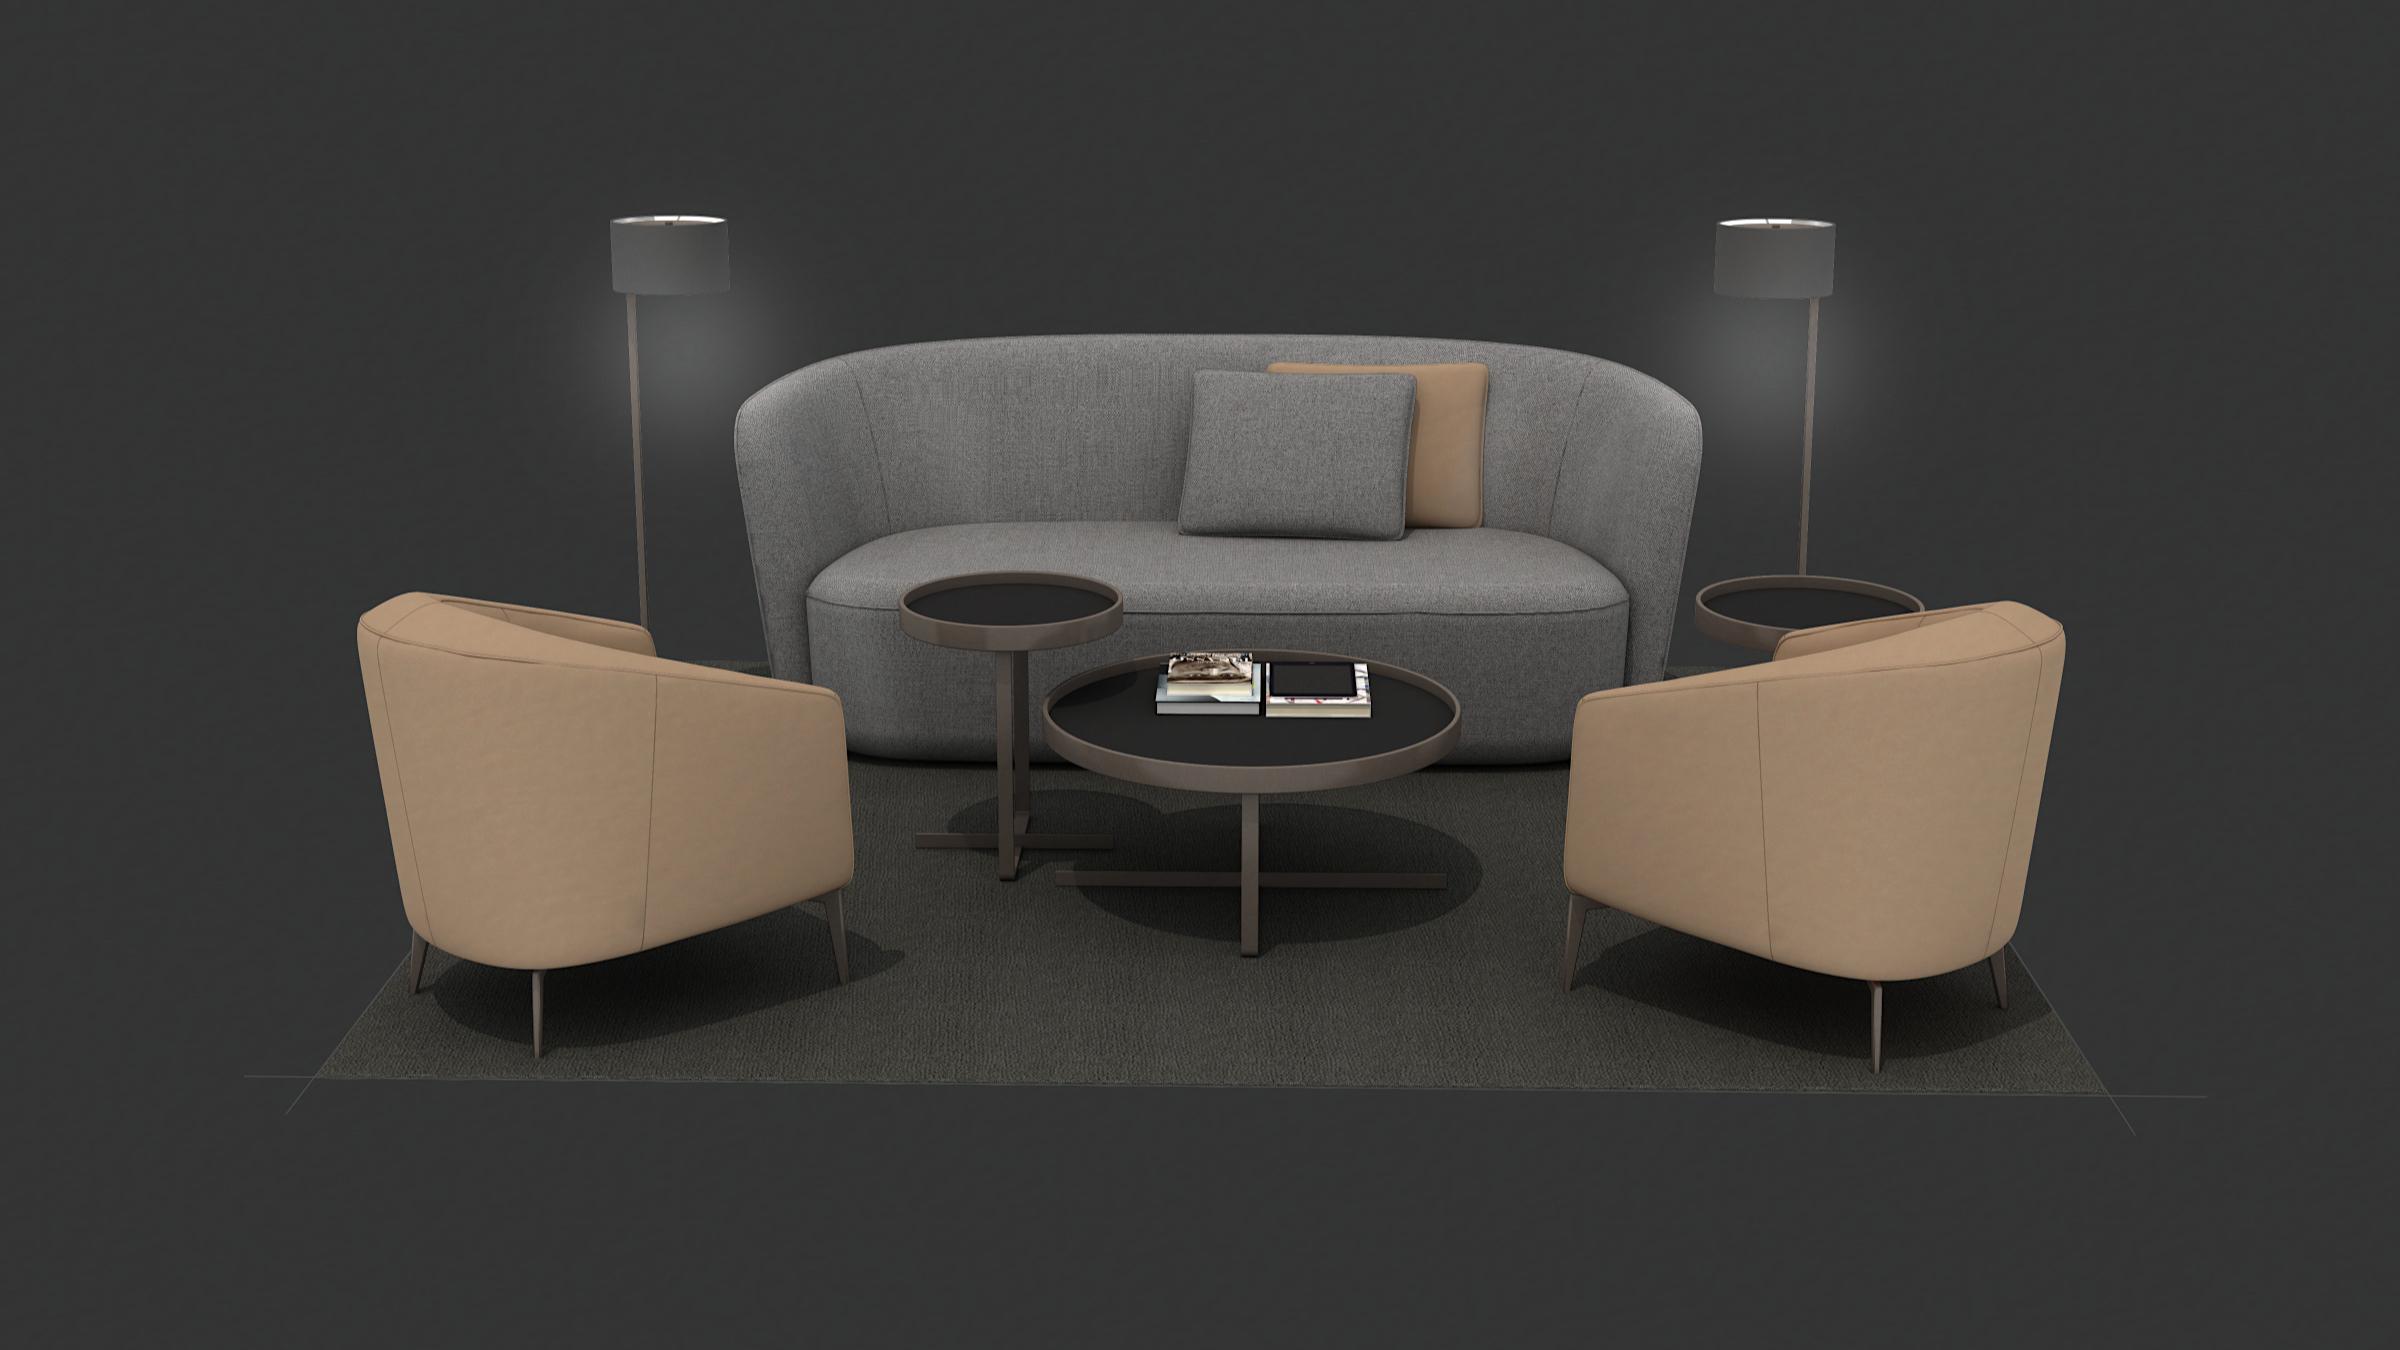 Bespoke 3D Modeling Services for Designer Furniture Brands